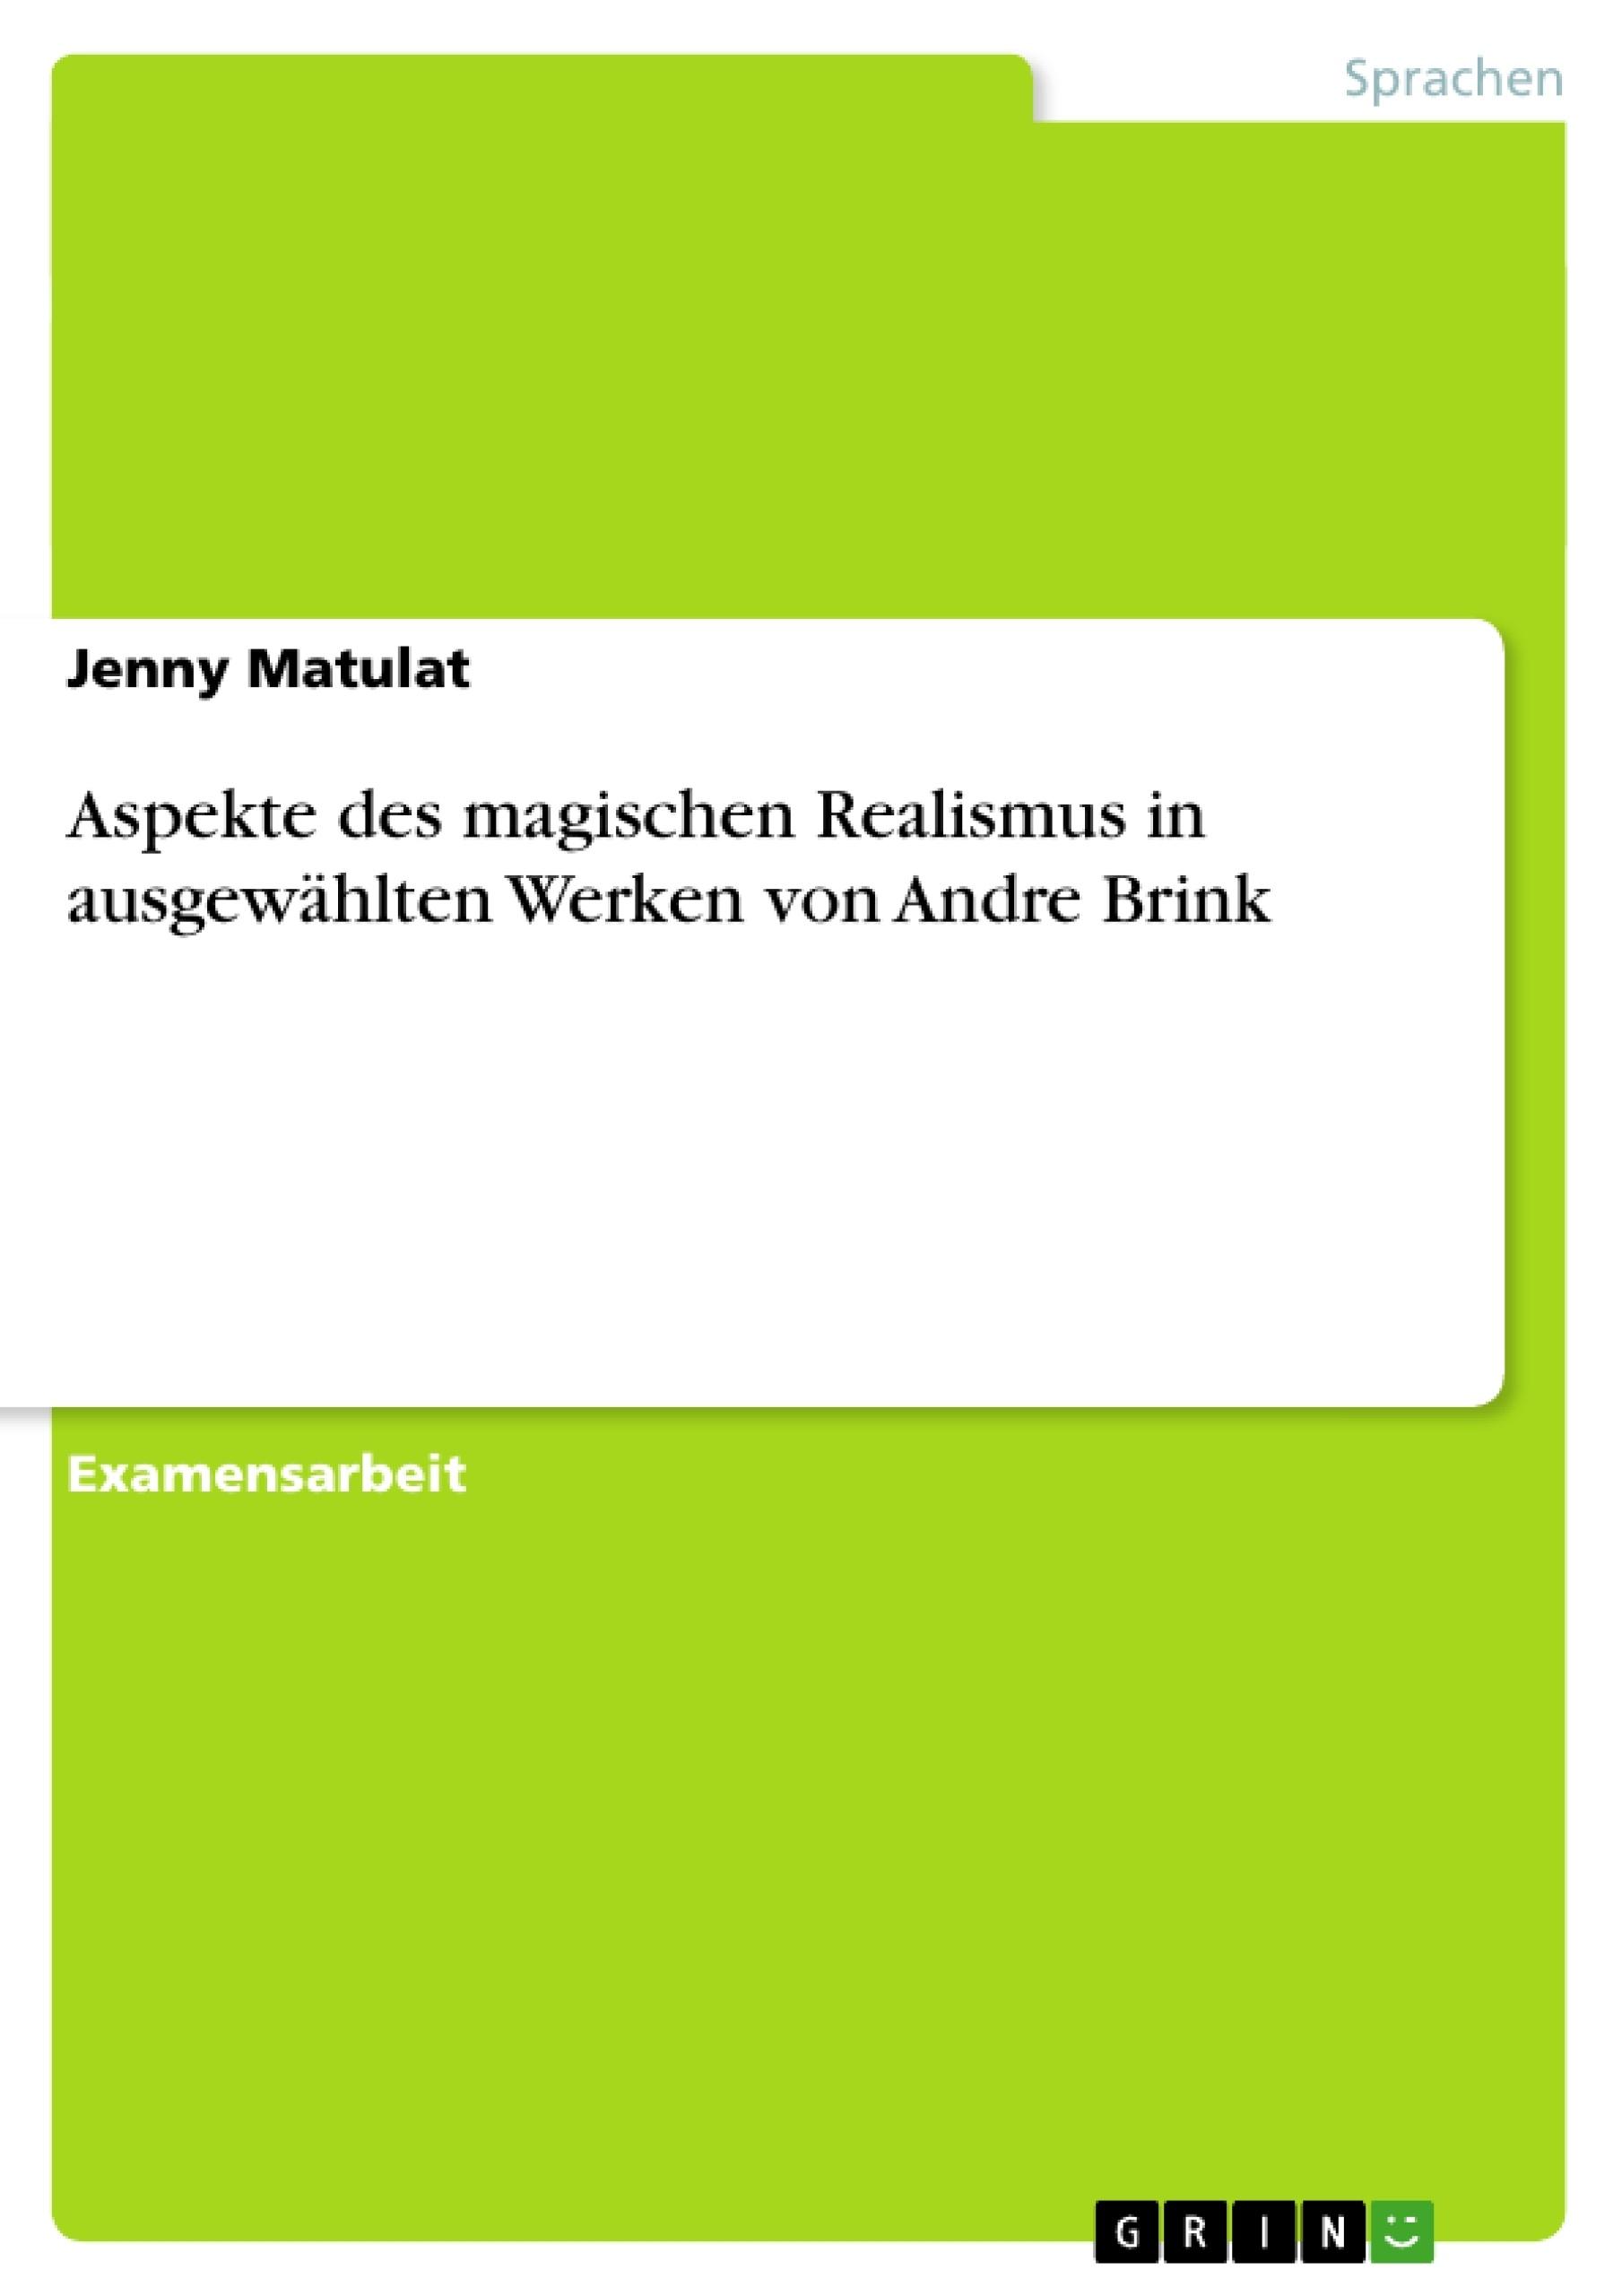 Titel: Aspekte des magischen Realismus in ausgewählten Werken von Andre Brink